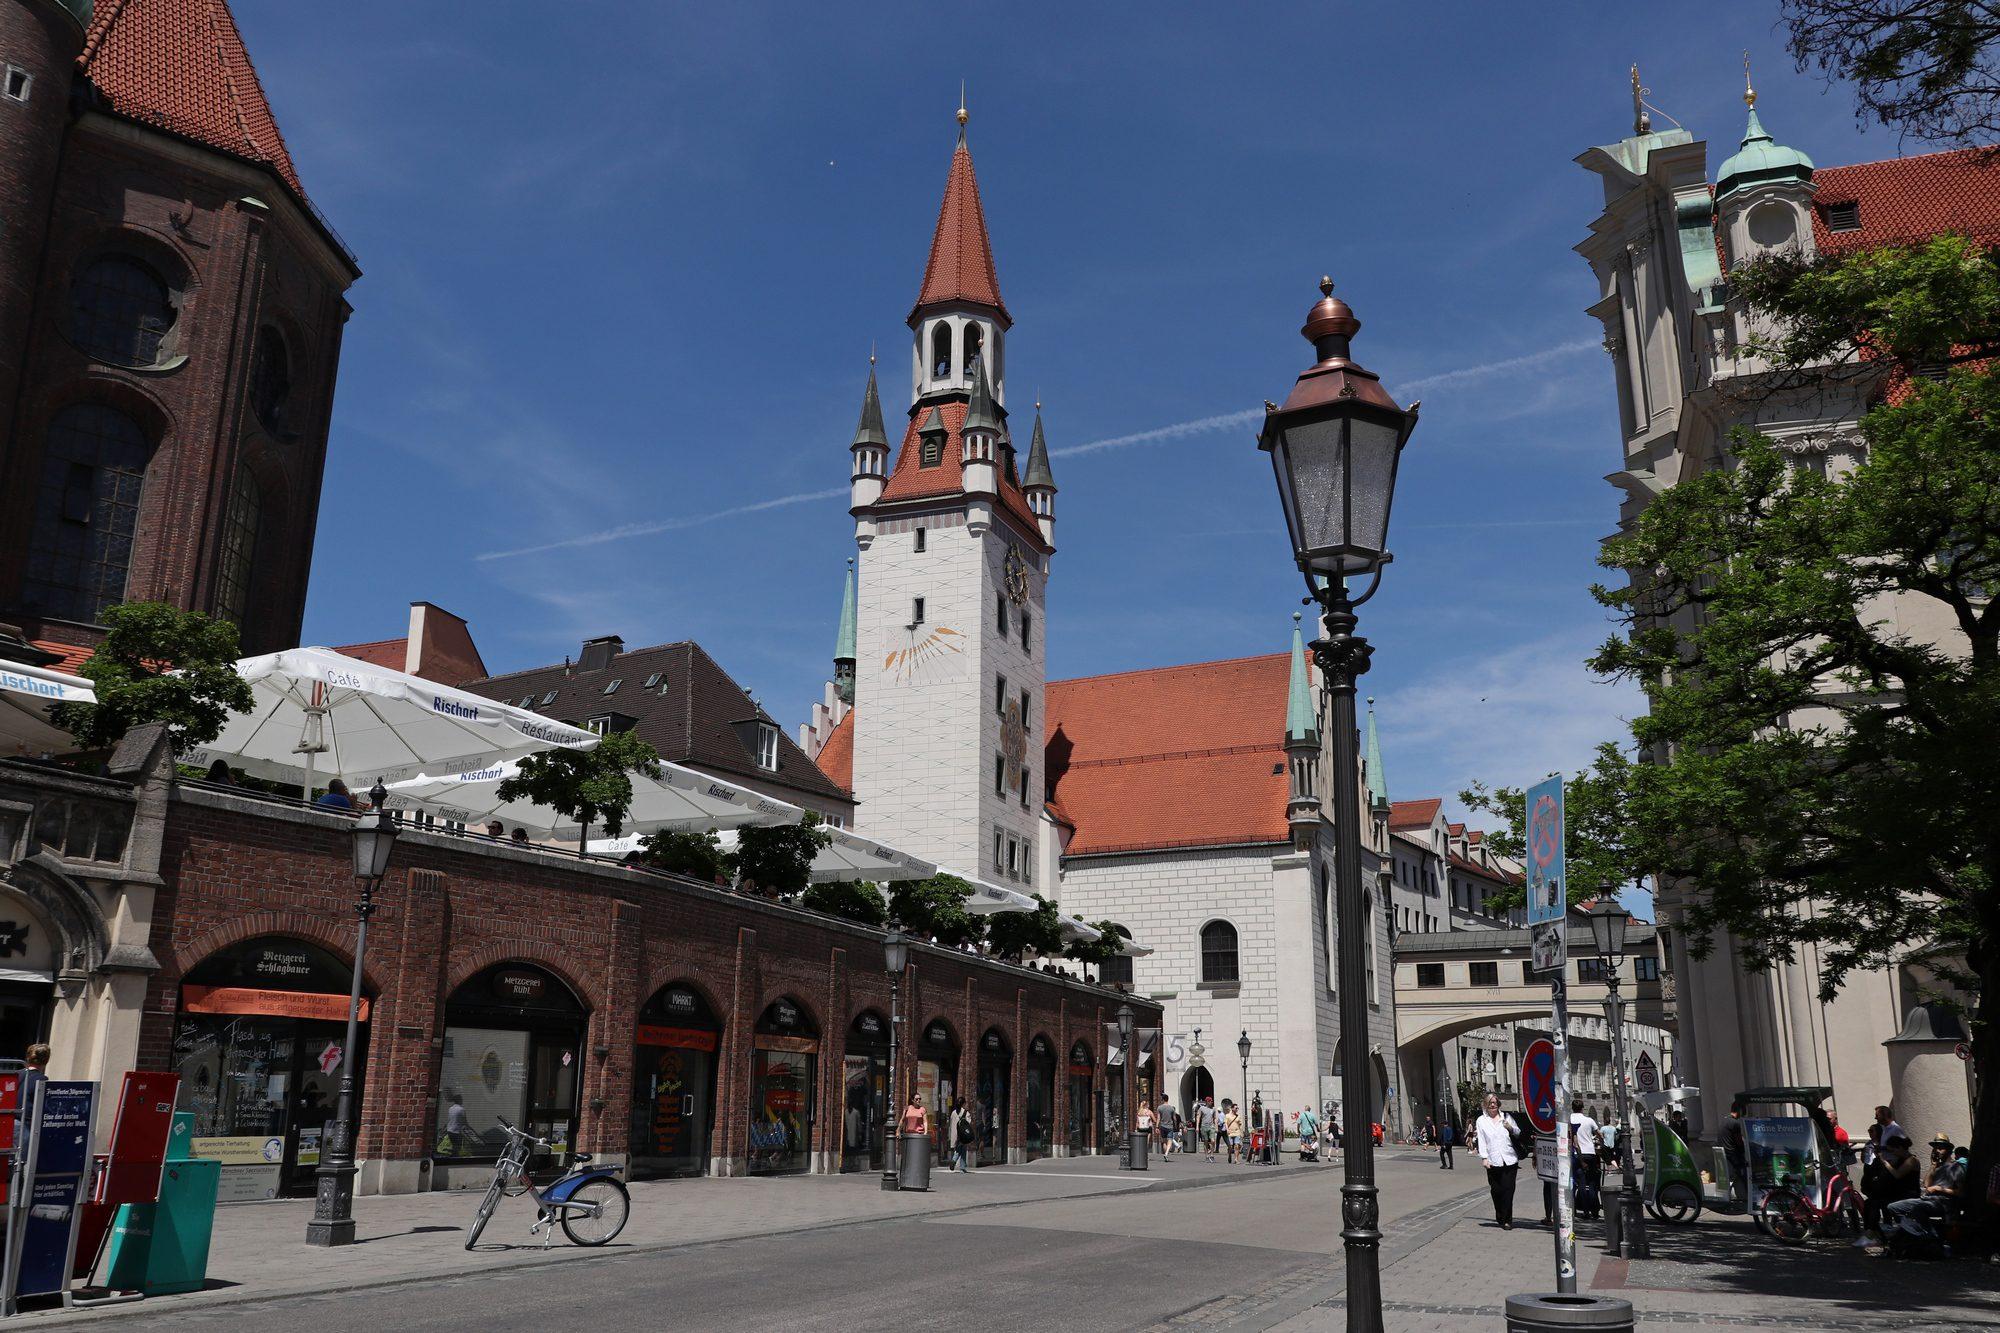 Blick auf das alte Rathaus in München